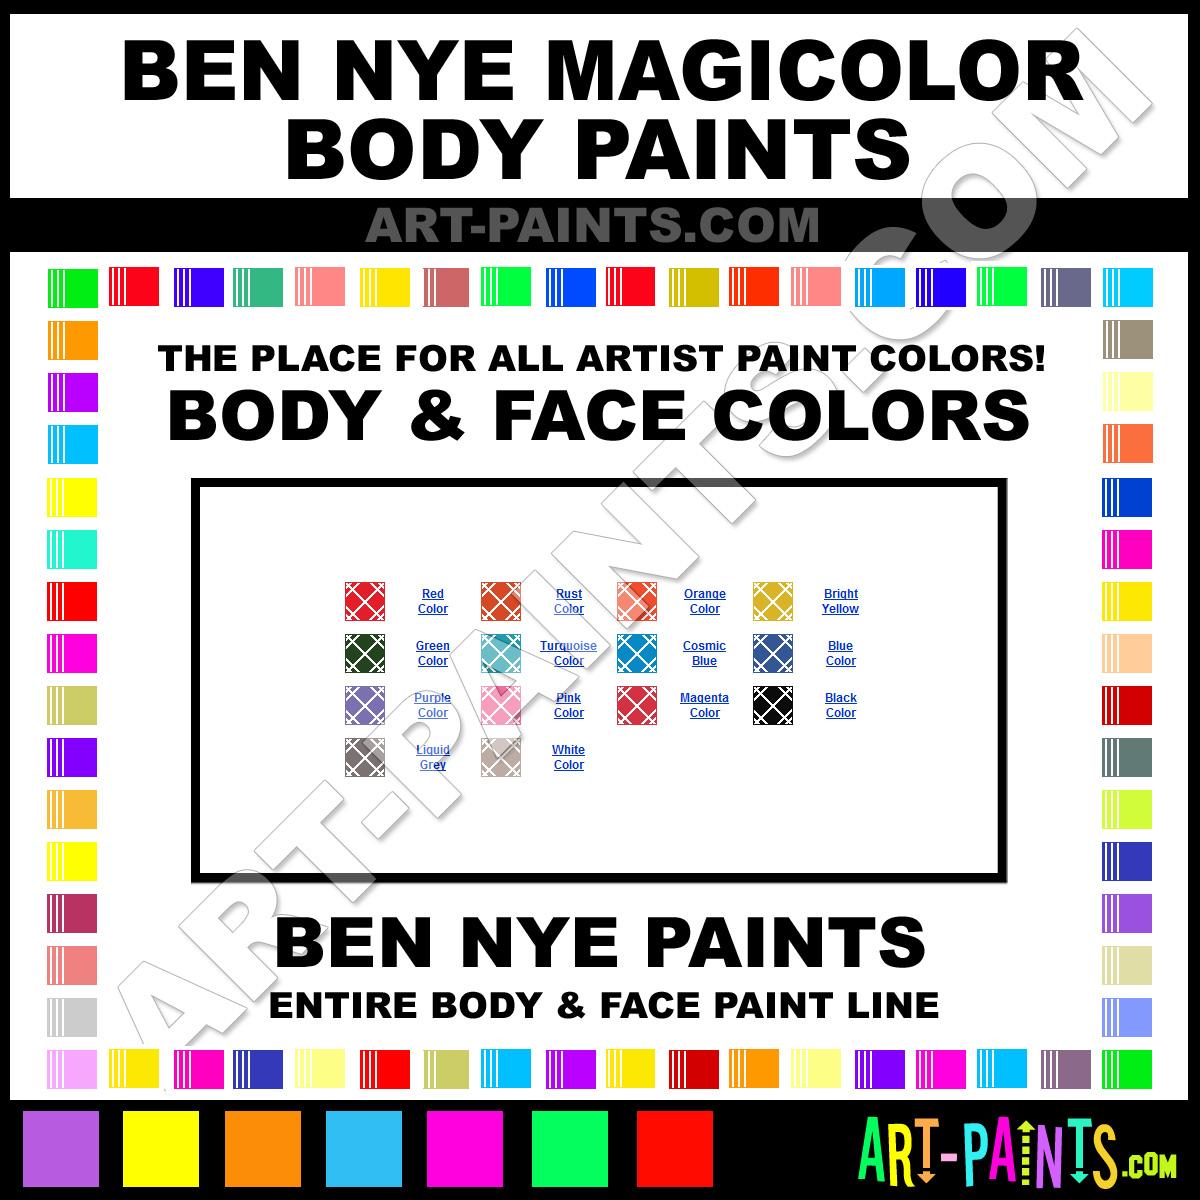 Leyland paints colour chart - Cosmic Blue Paint Ml 31 By Ben Nye Magicolor Paints Download Image Gr Grey Colour Chart